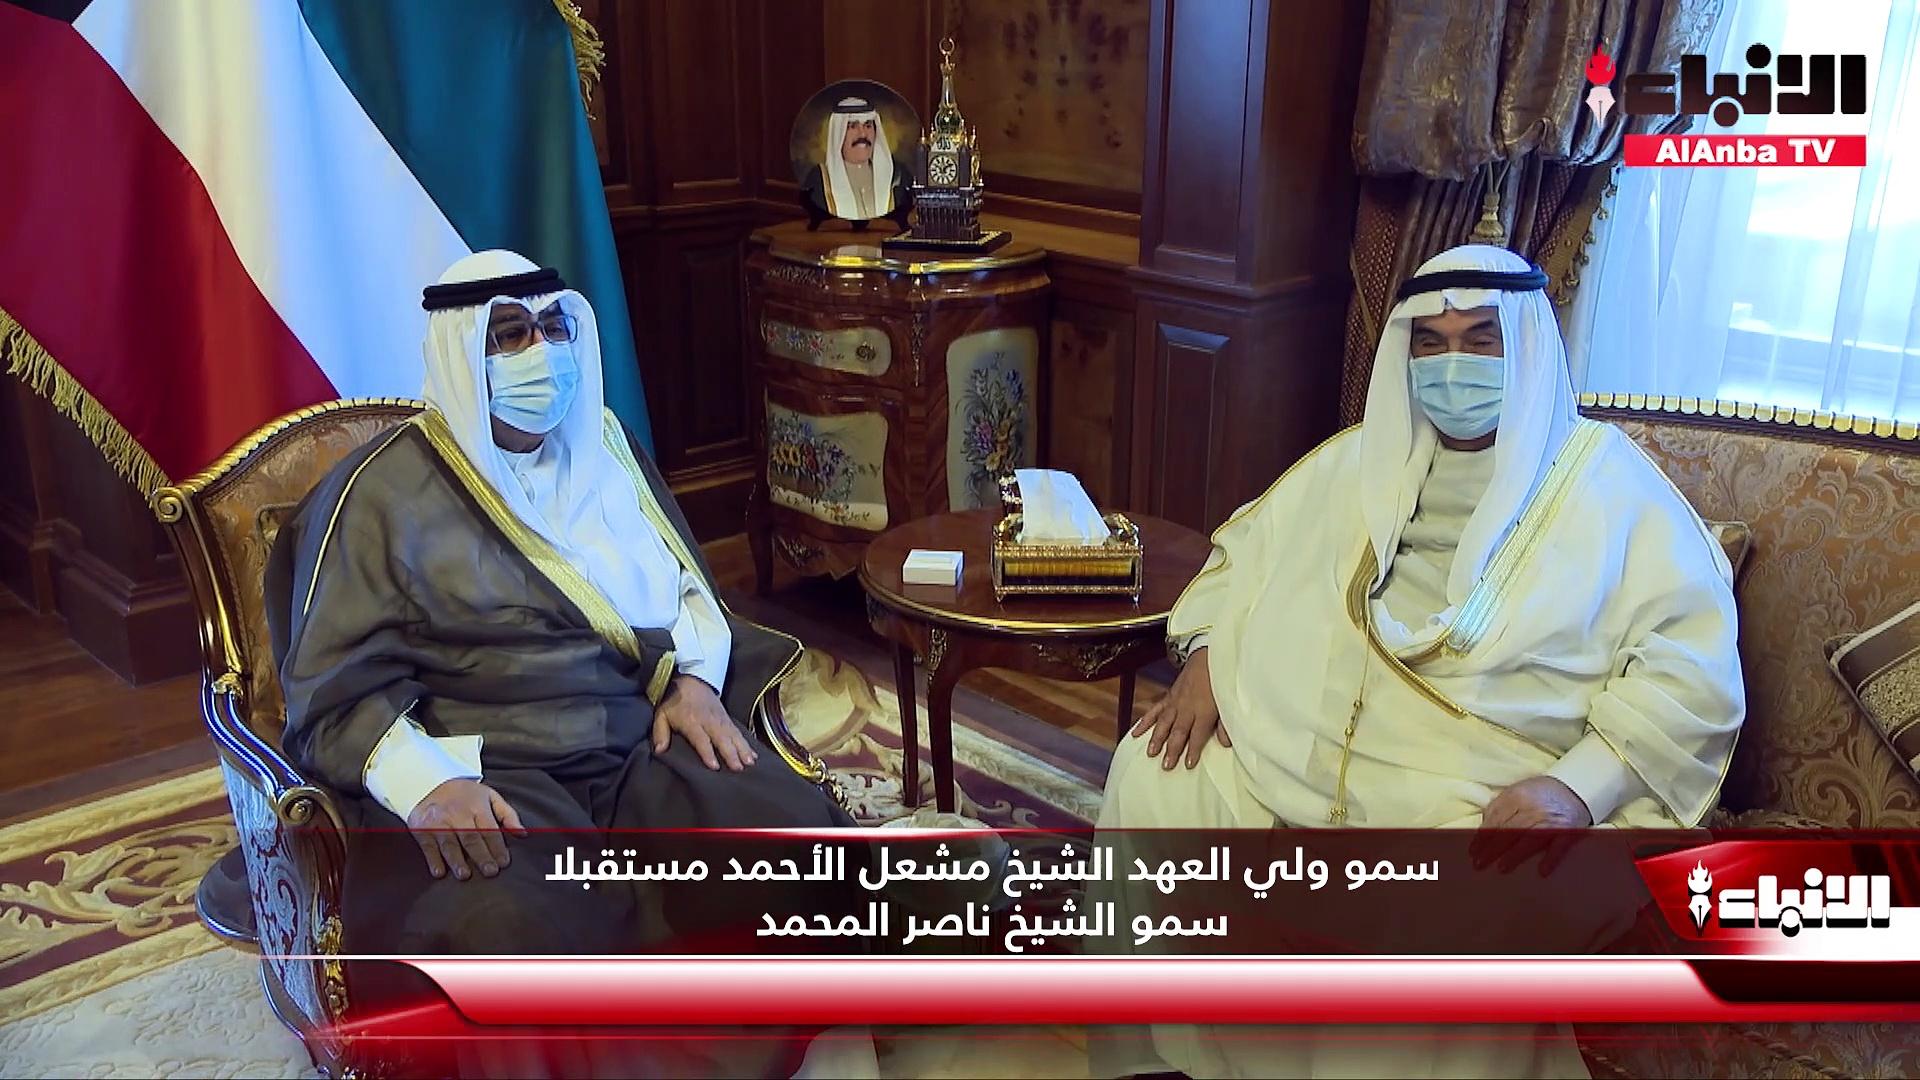 ولي العهد استقبل المحمد ورئيس ديوان المحاسبة